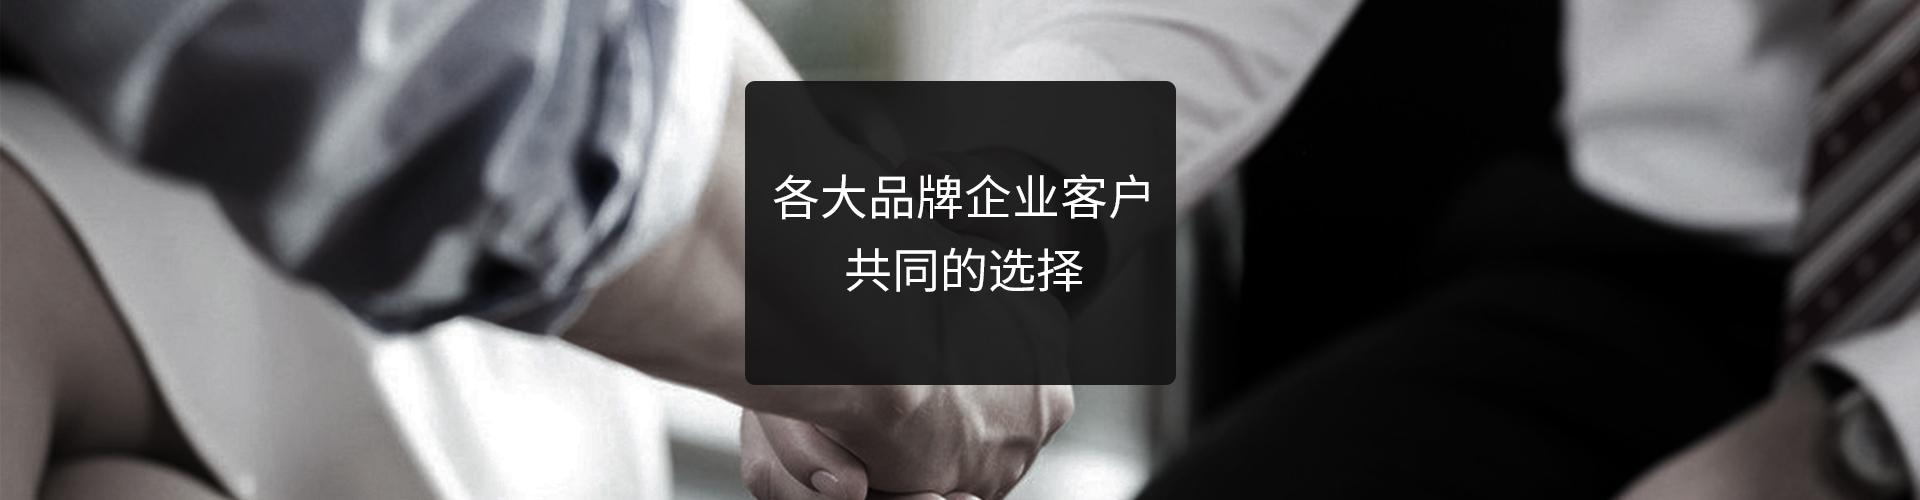 子banner-客戶案例